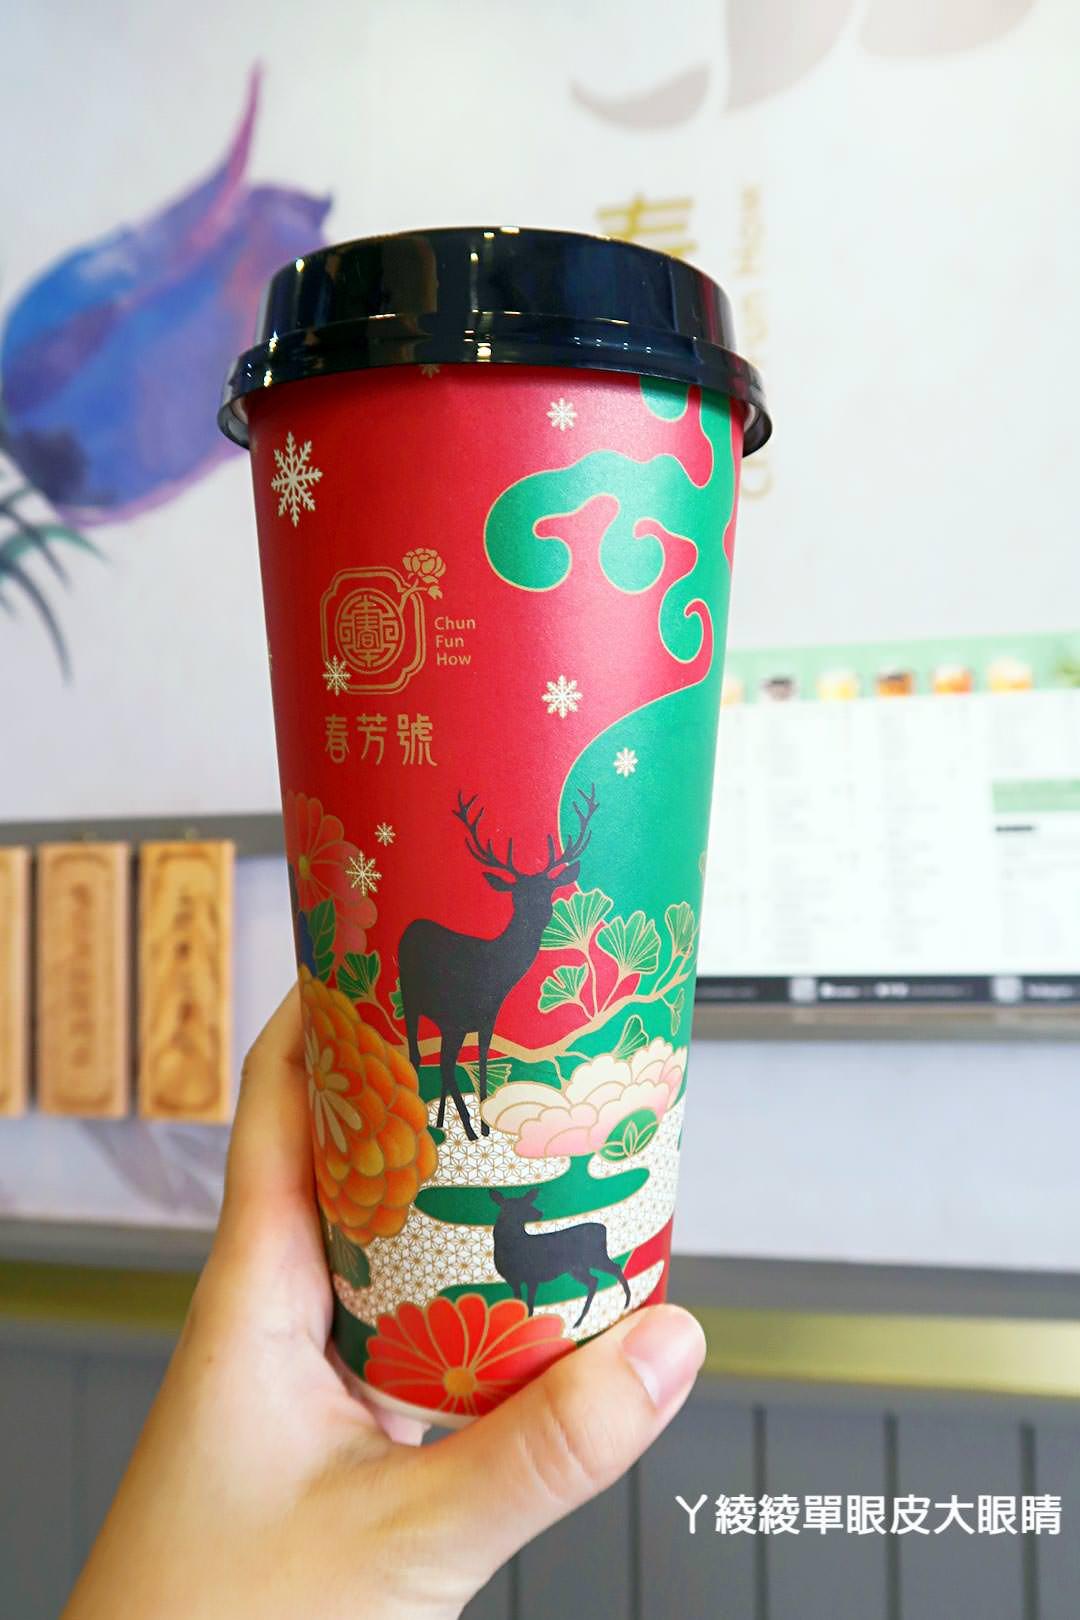 新竹飲料 春芳號 聖誕紅花鹿杯 聖誕節限定